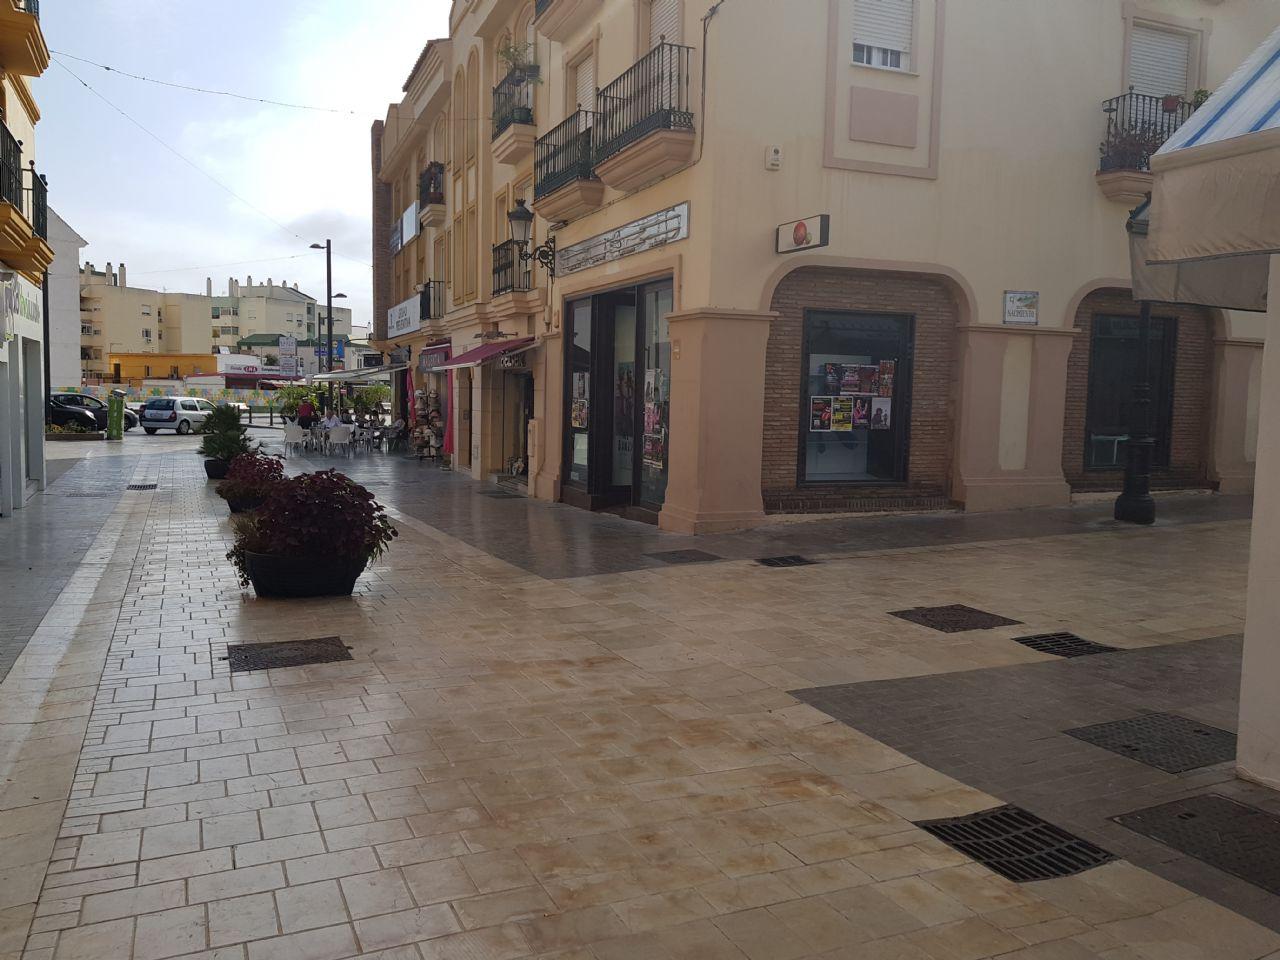 Local comercial en Benalmádena, Arroyo de la Miel, venta